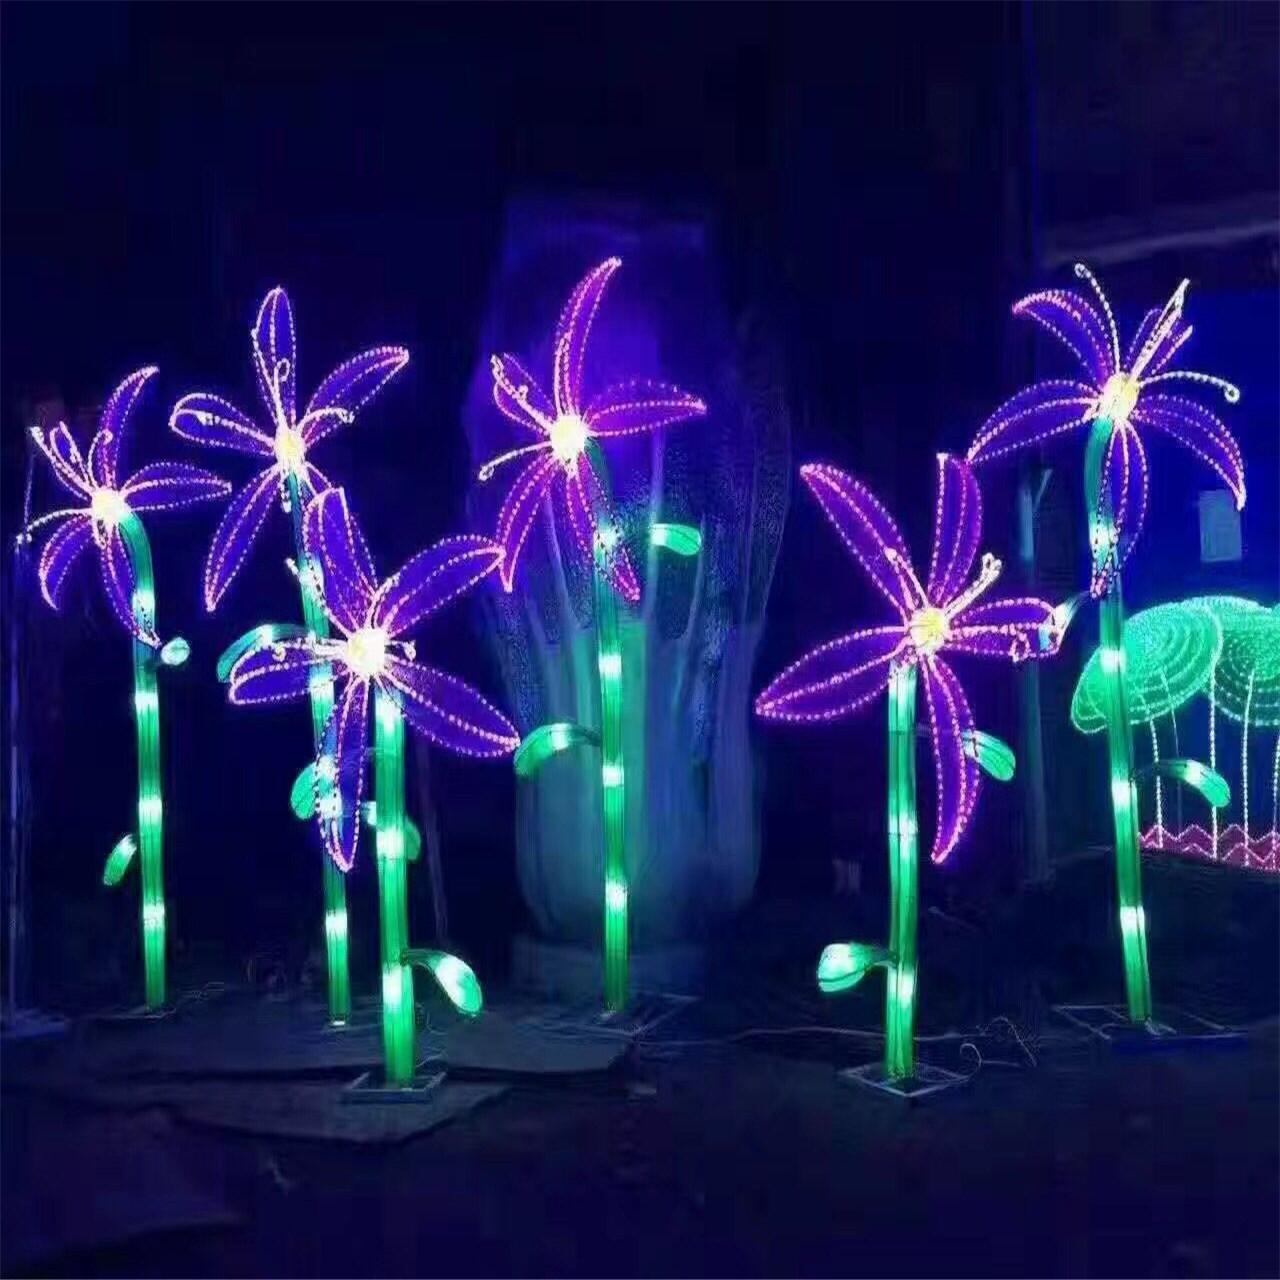 大型仿真植物造型灯光设计